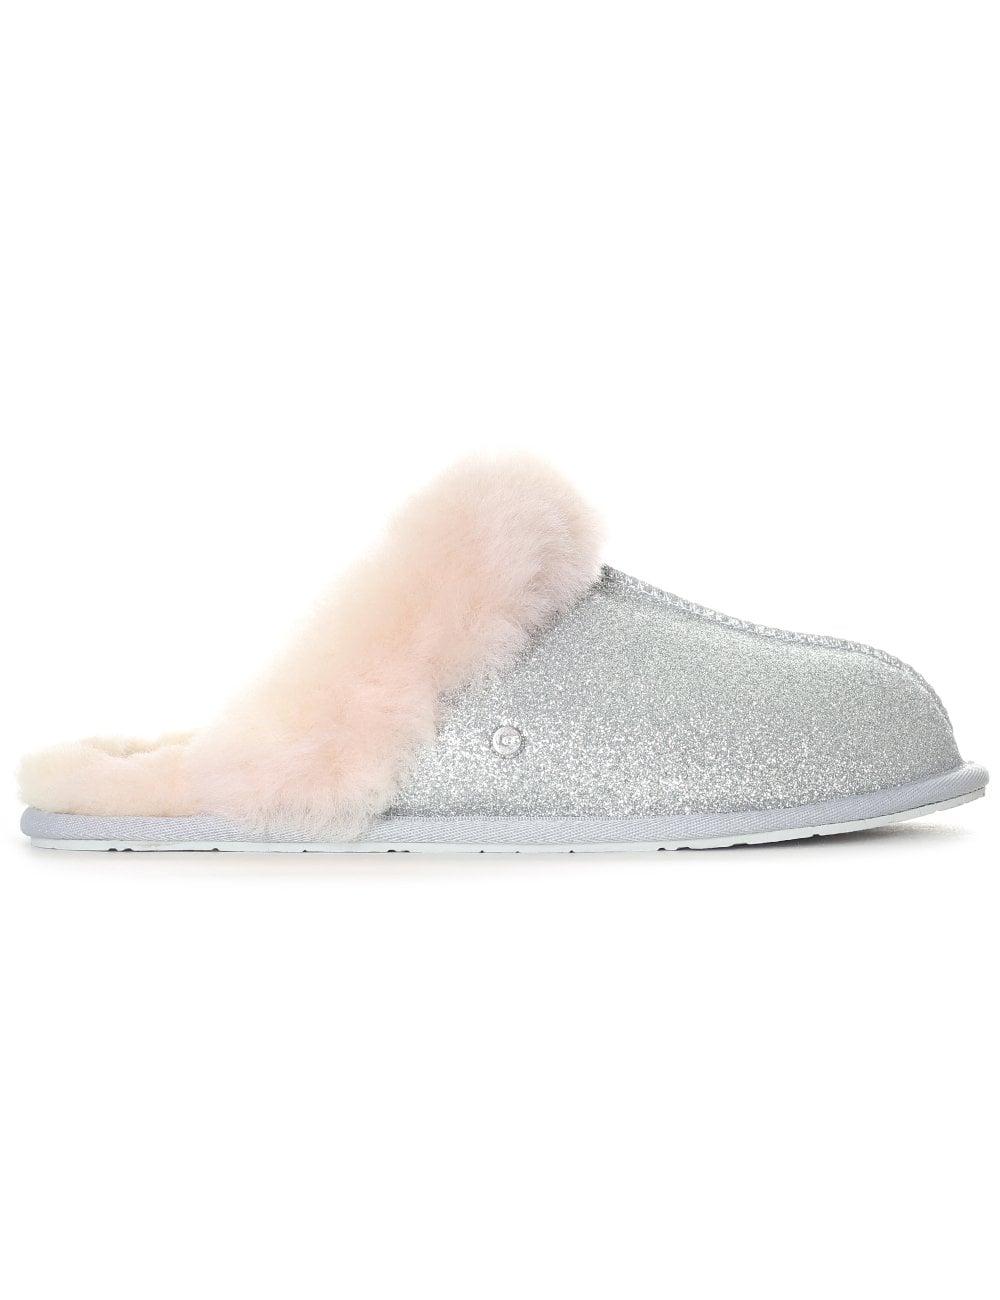 095b79e37 UGG Women's Scuffette II Sparkle Slipper Silver